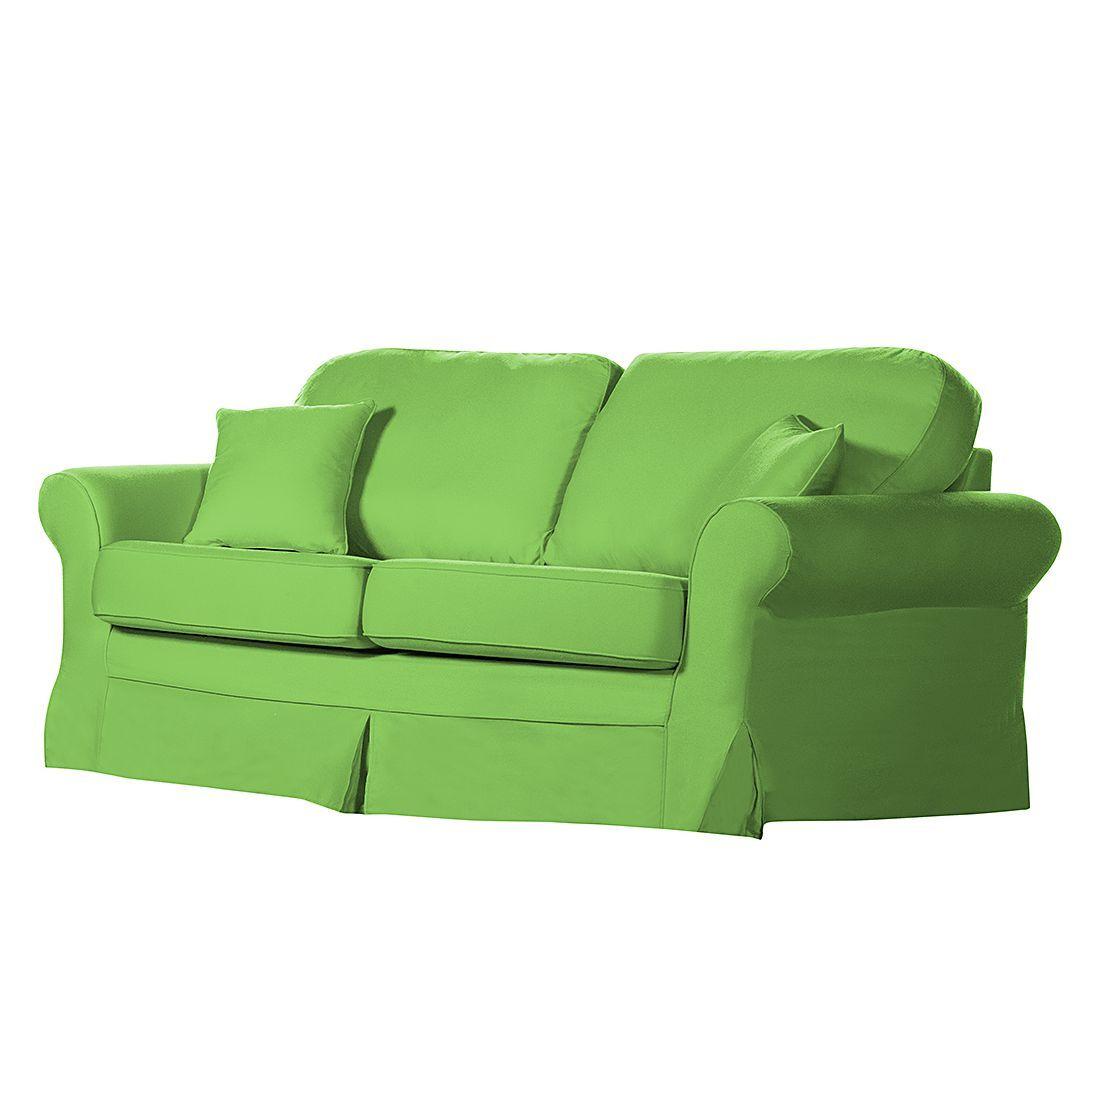 Sofa Louanne 3 Sitzer Baumwollstoff Grun Ridgevalley Jetzt